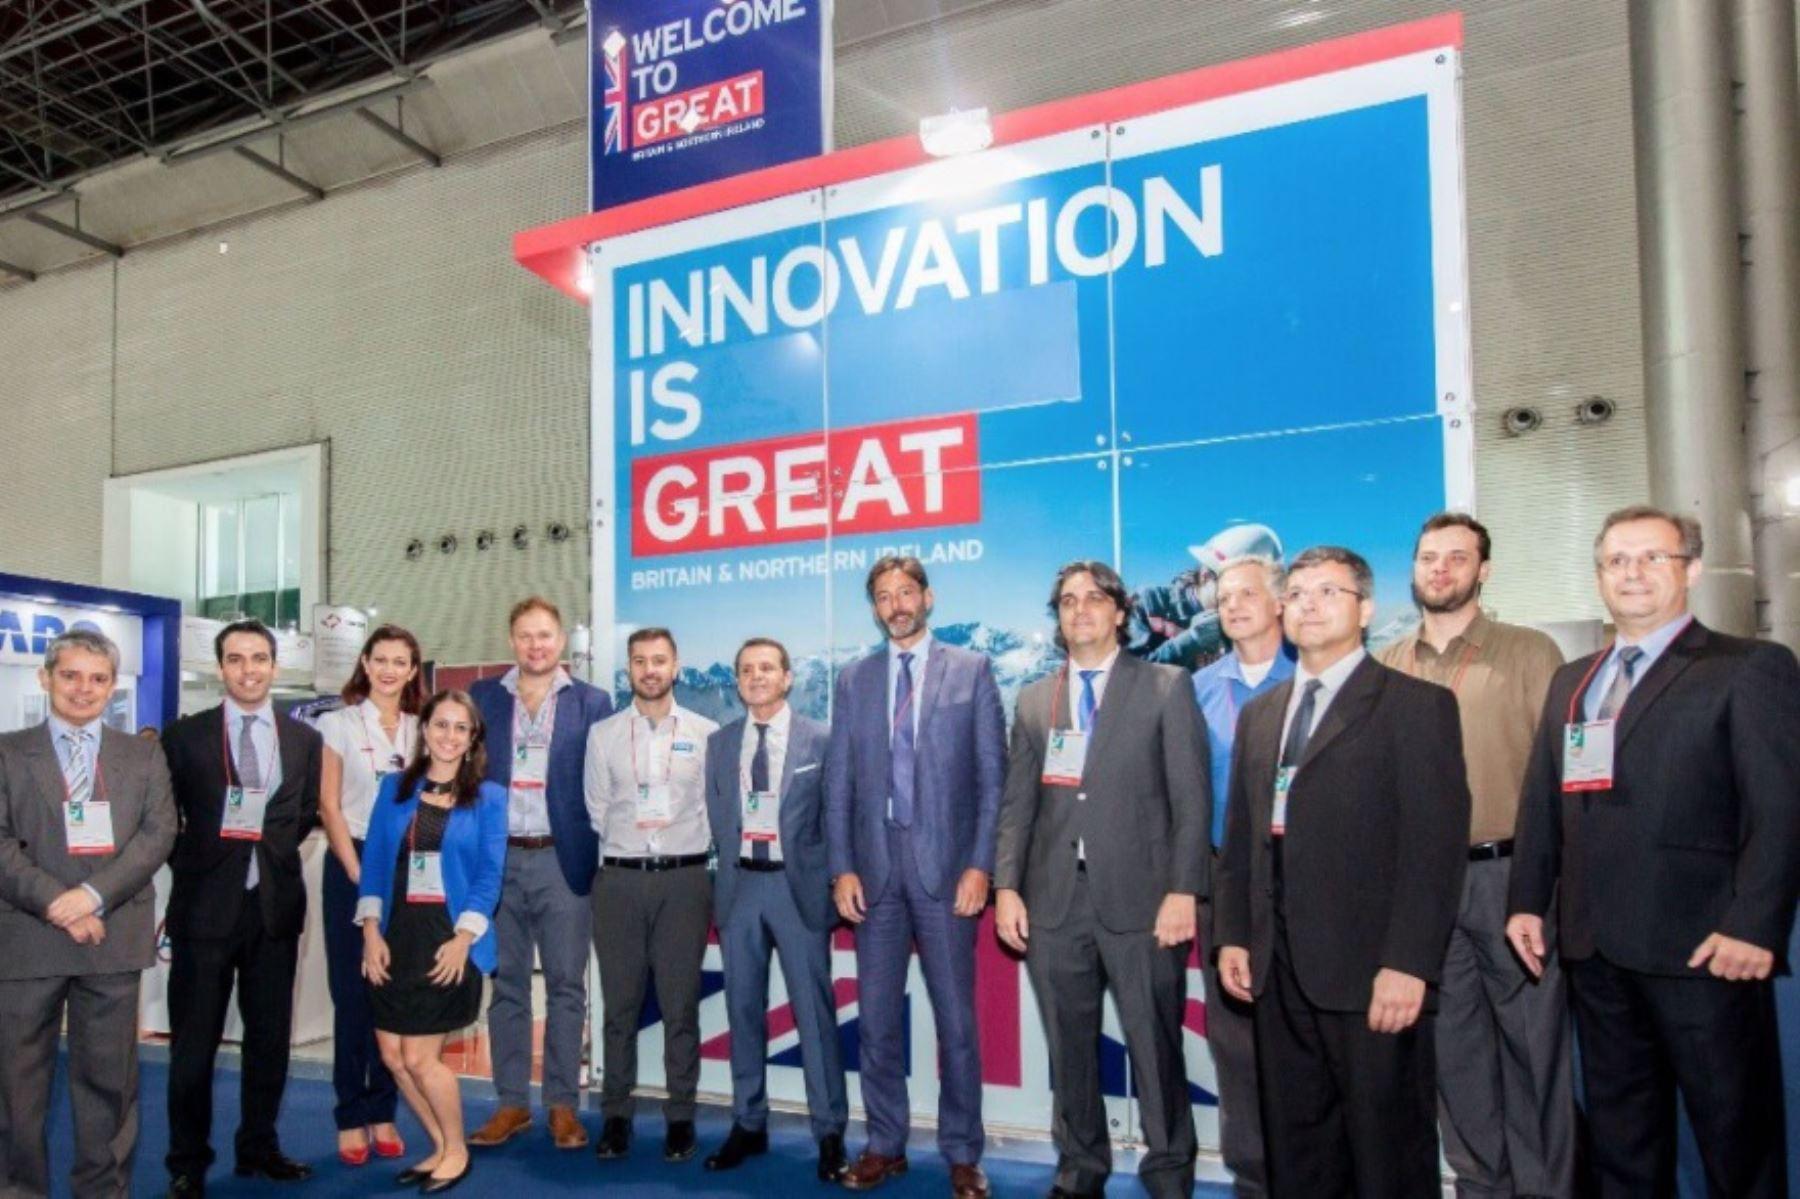 Delegación de empresas británicas presentes en Perumin 33 en Arequipa. Foto: Cortesía embajada Reino Unido.